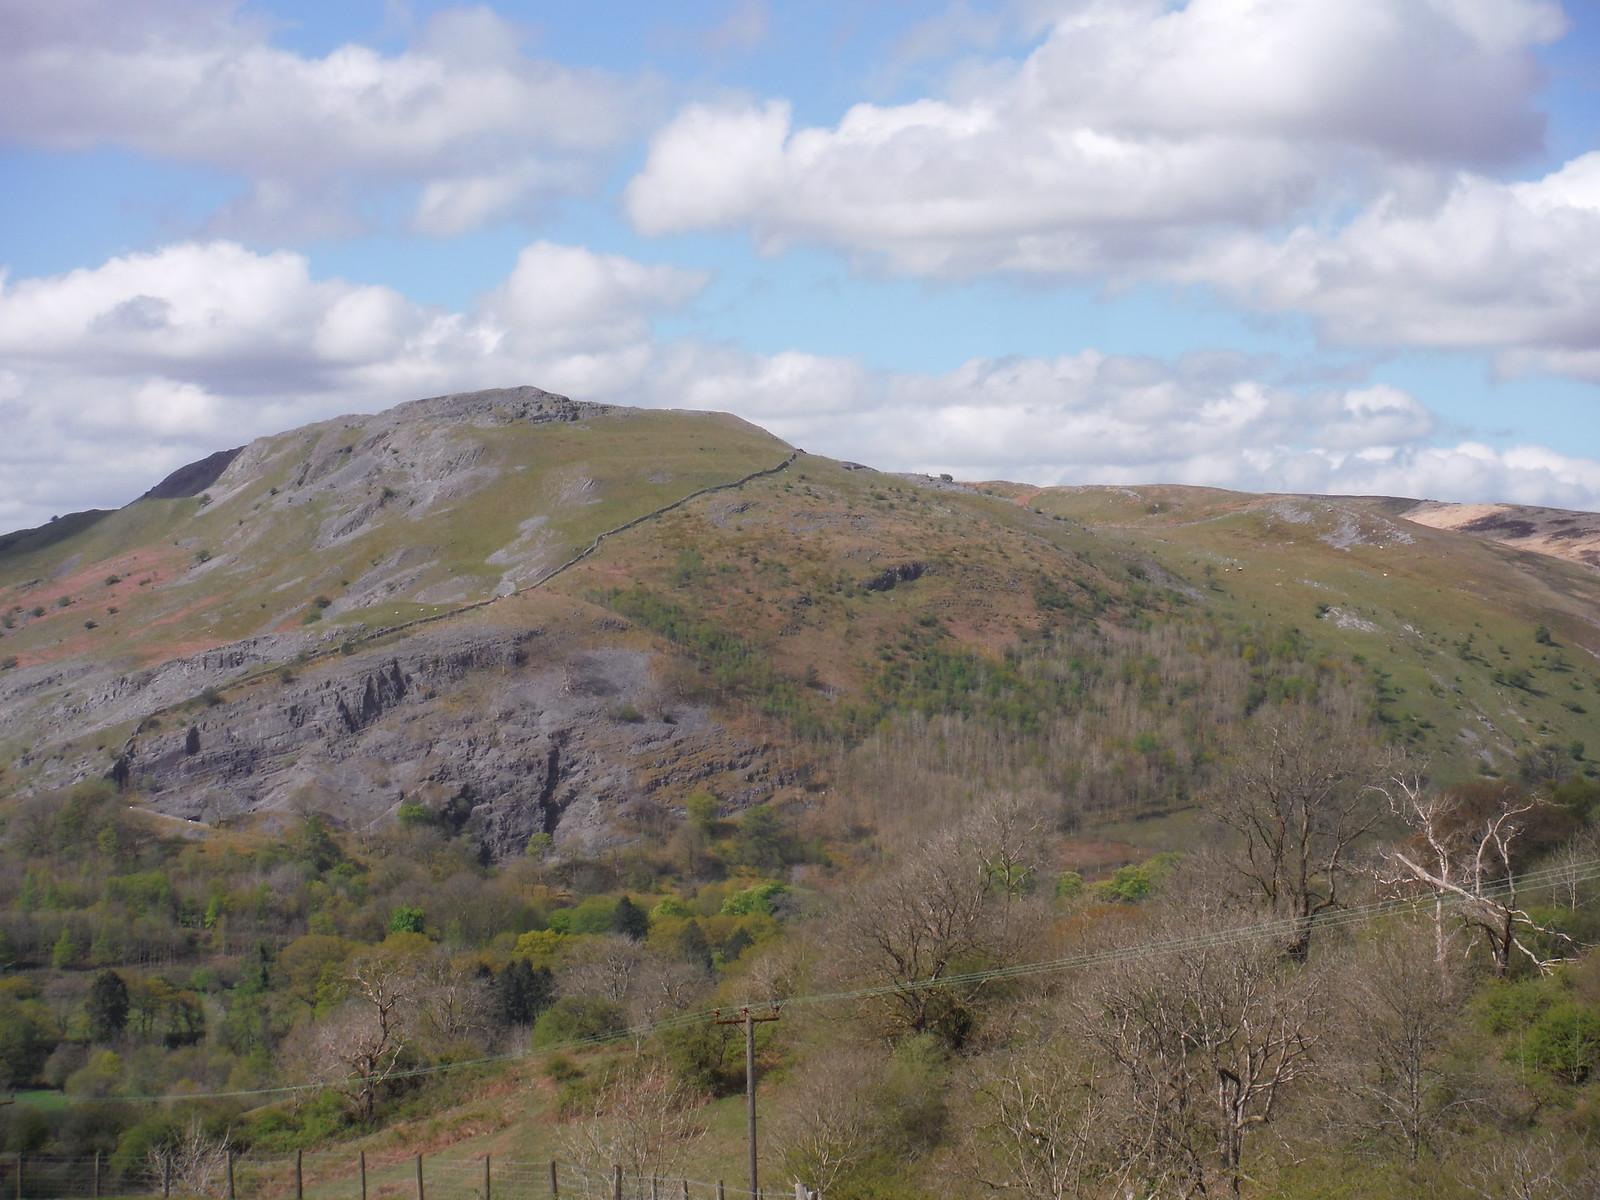 Cribarth from Allt Rhongyr SWC Walk 307 - Fforest Fawr Traverse (Craig y Nos to Llwyn-y-celyn)